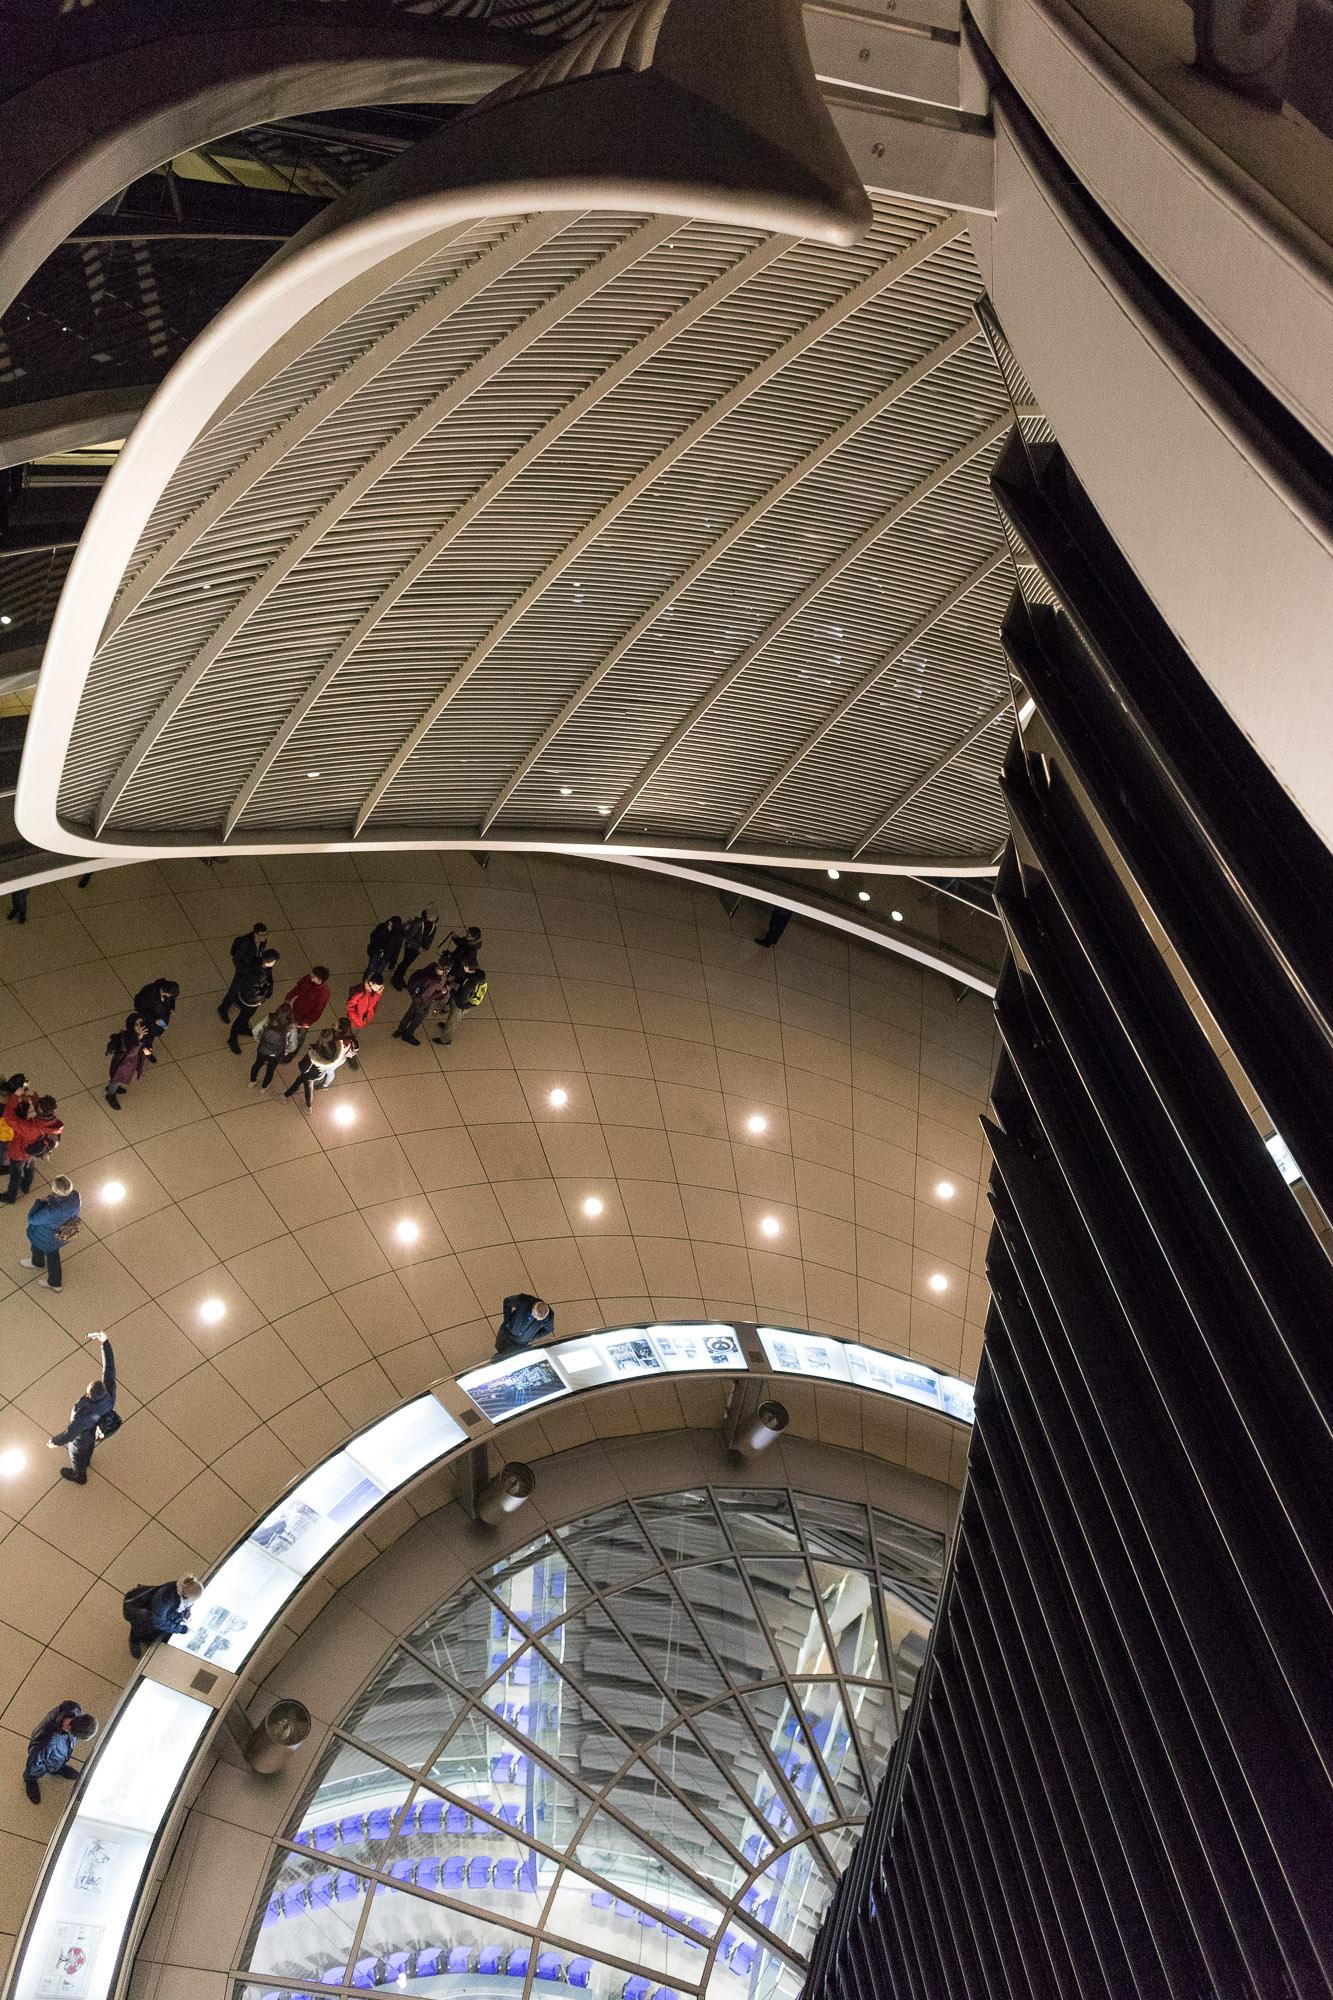 Vue en plongée dans la coupole du Reichstag